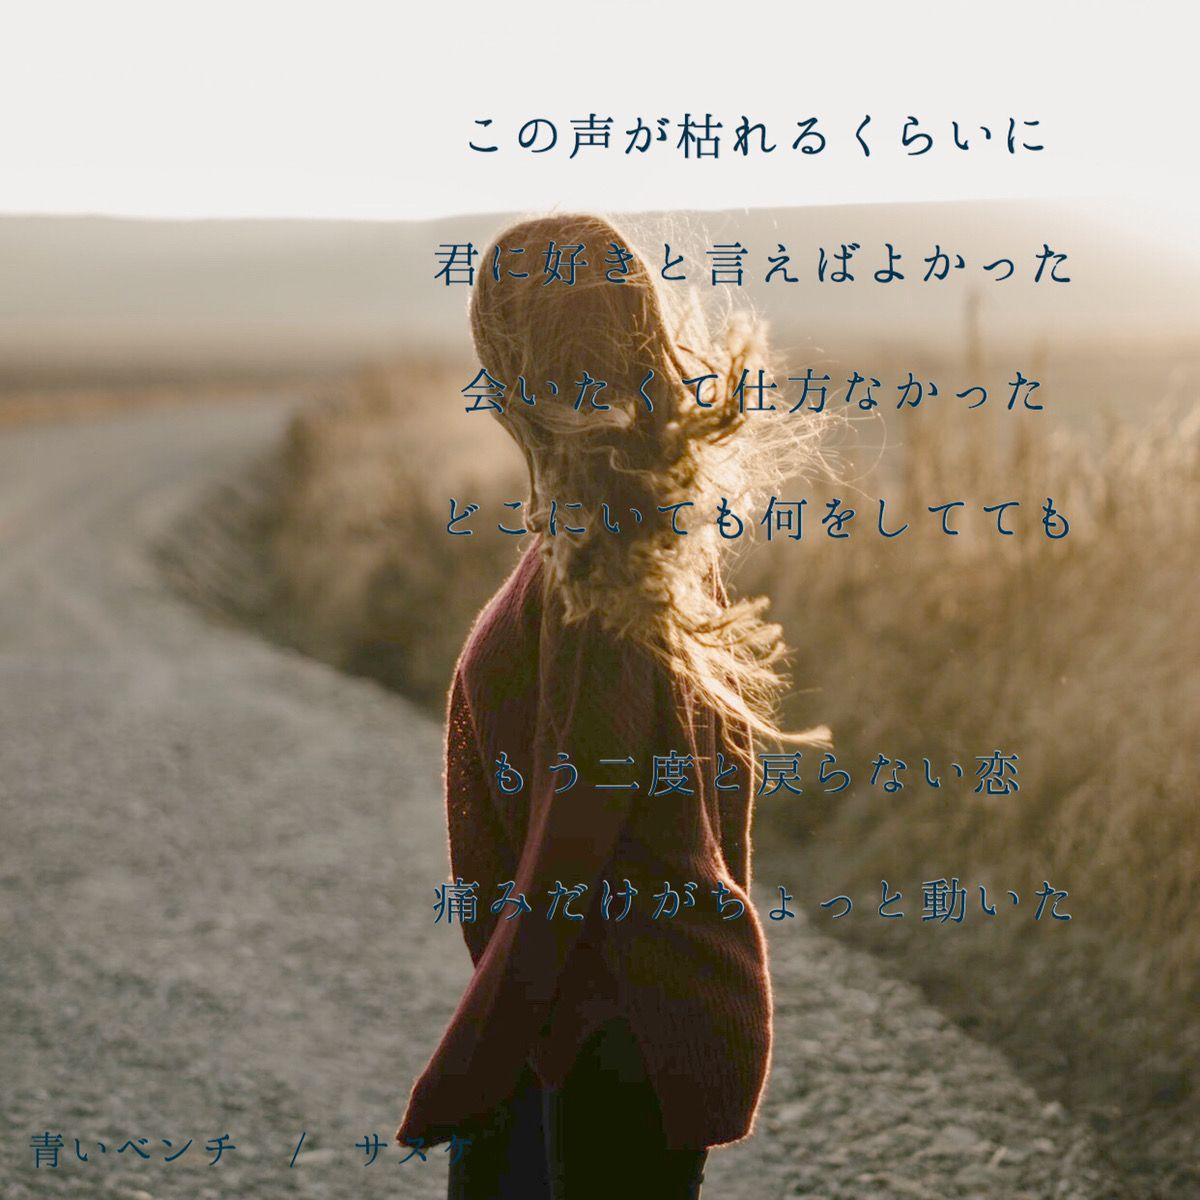 の 将来 君 大きな 希望 夏 夢 忘れ ない 歌詞 と 終わり の